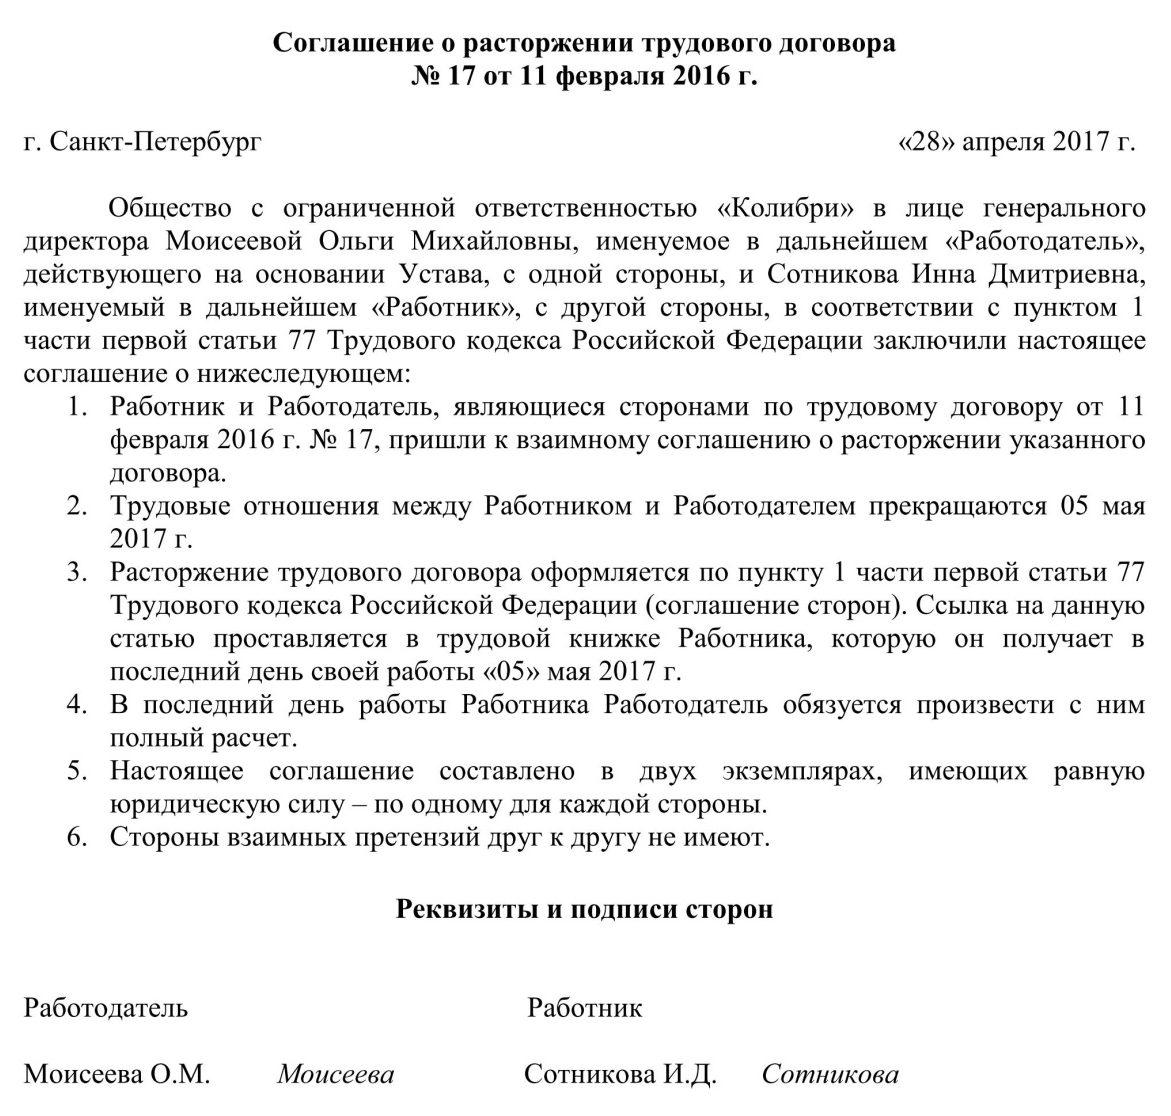 Образец соглашения о расторжении трудового договора